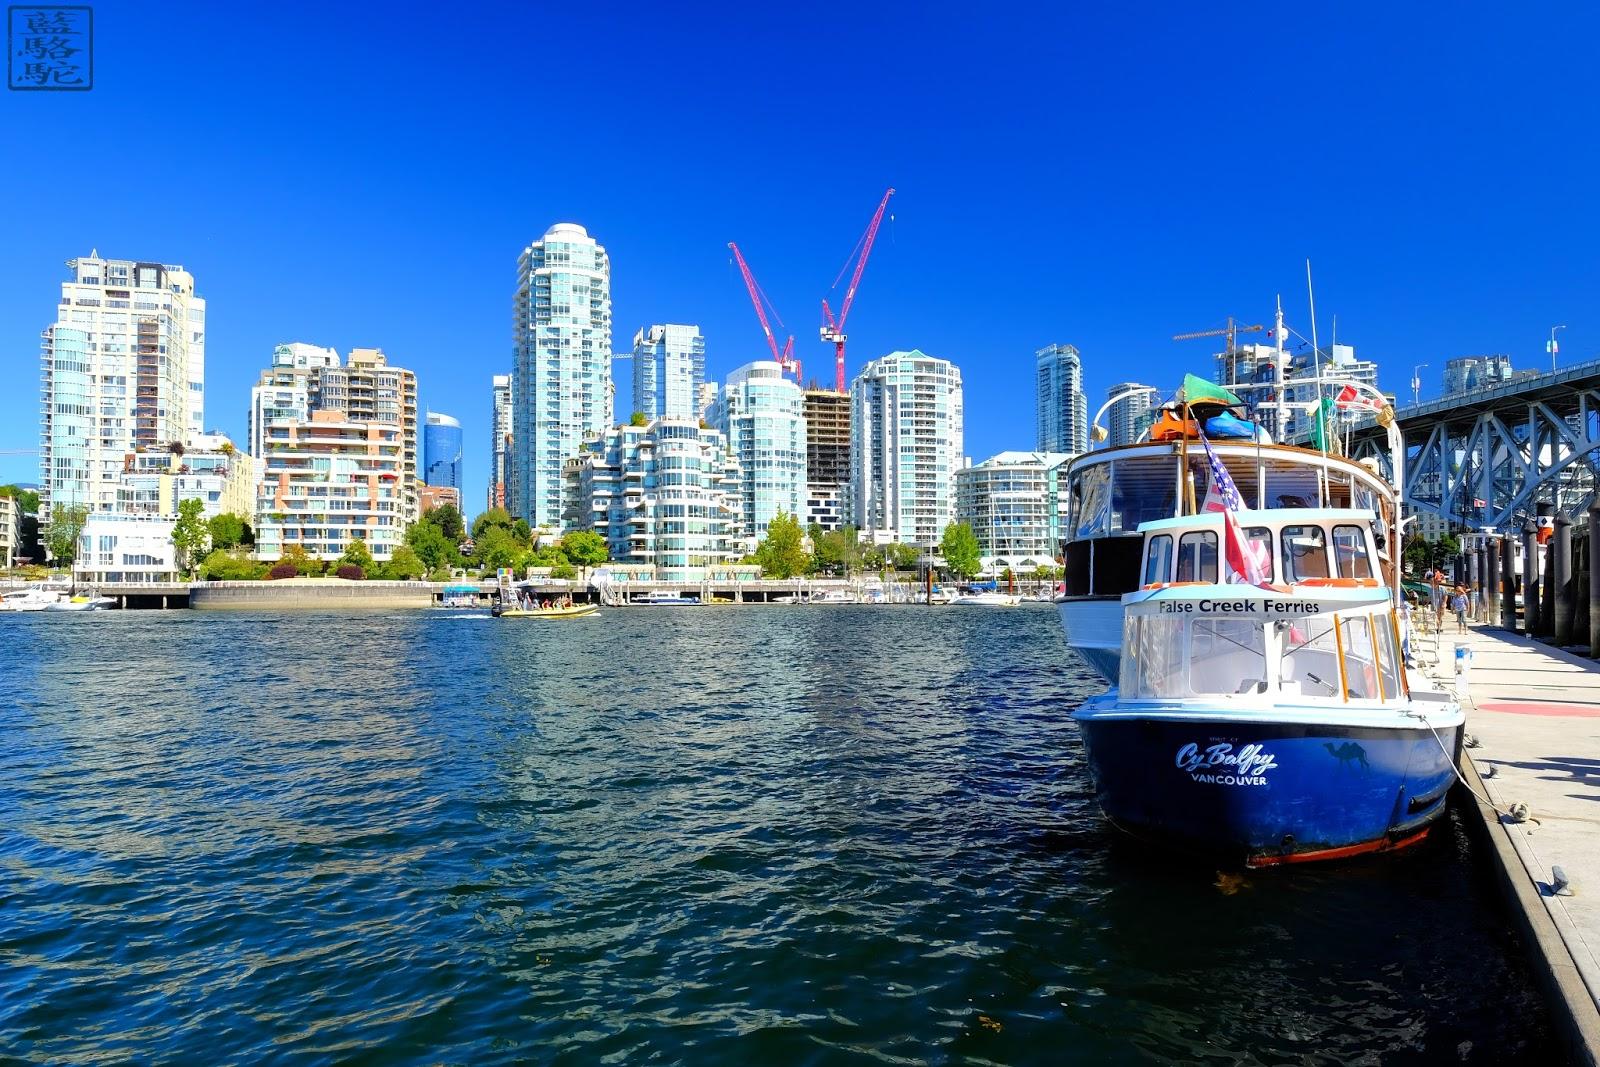 Le Chameau Bleu - Granville Island - Vancouver